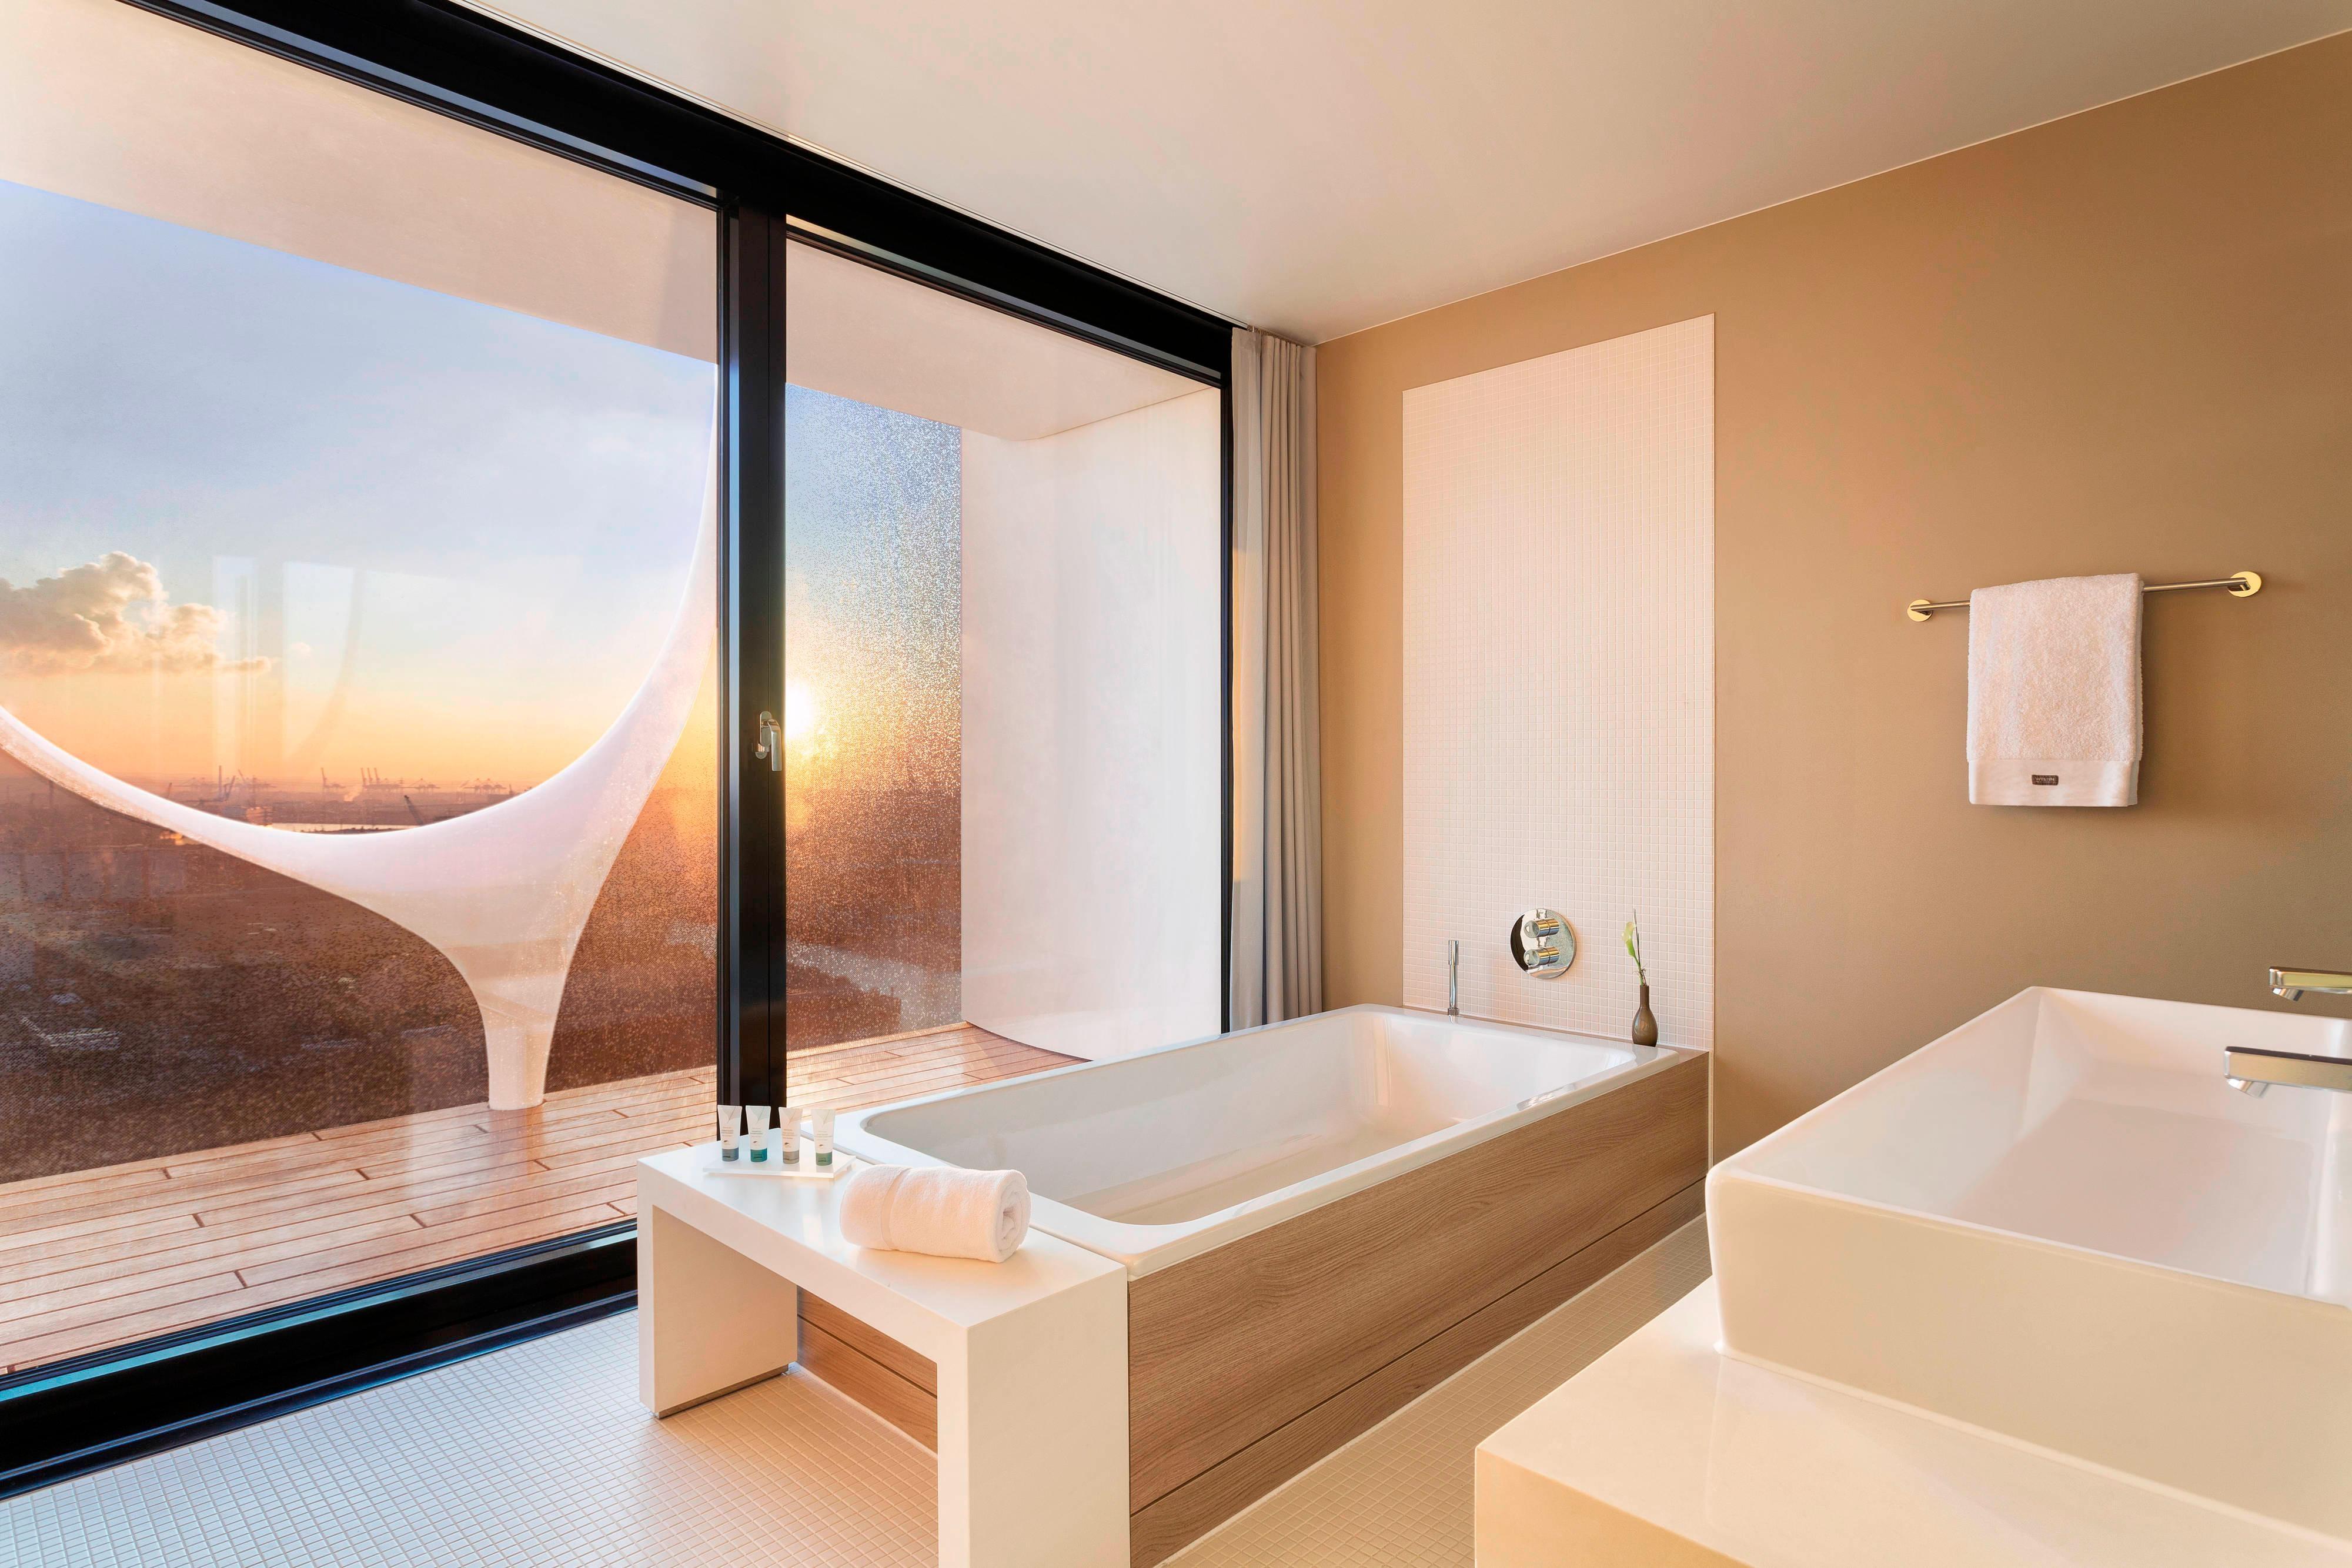 Owner's Suite - Bathroom